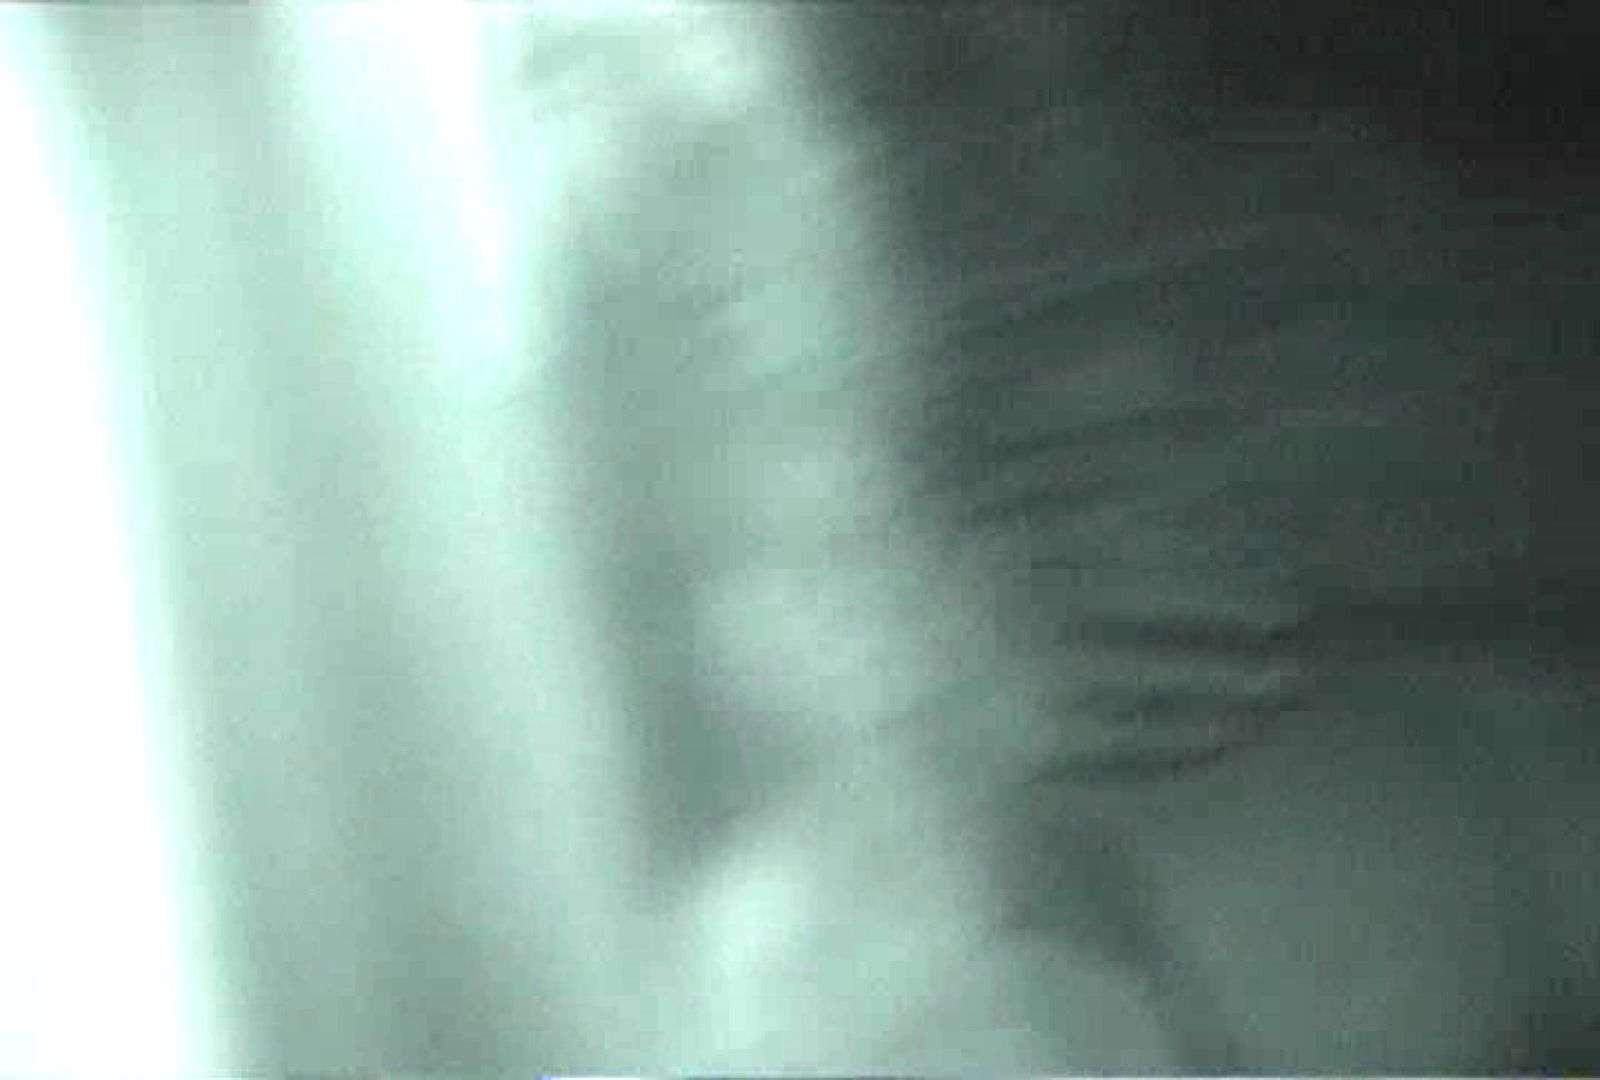 充血監督の深夜の運動会Vol.57 現役ギャル  101pic 92